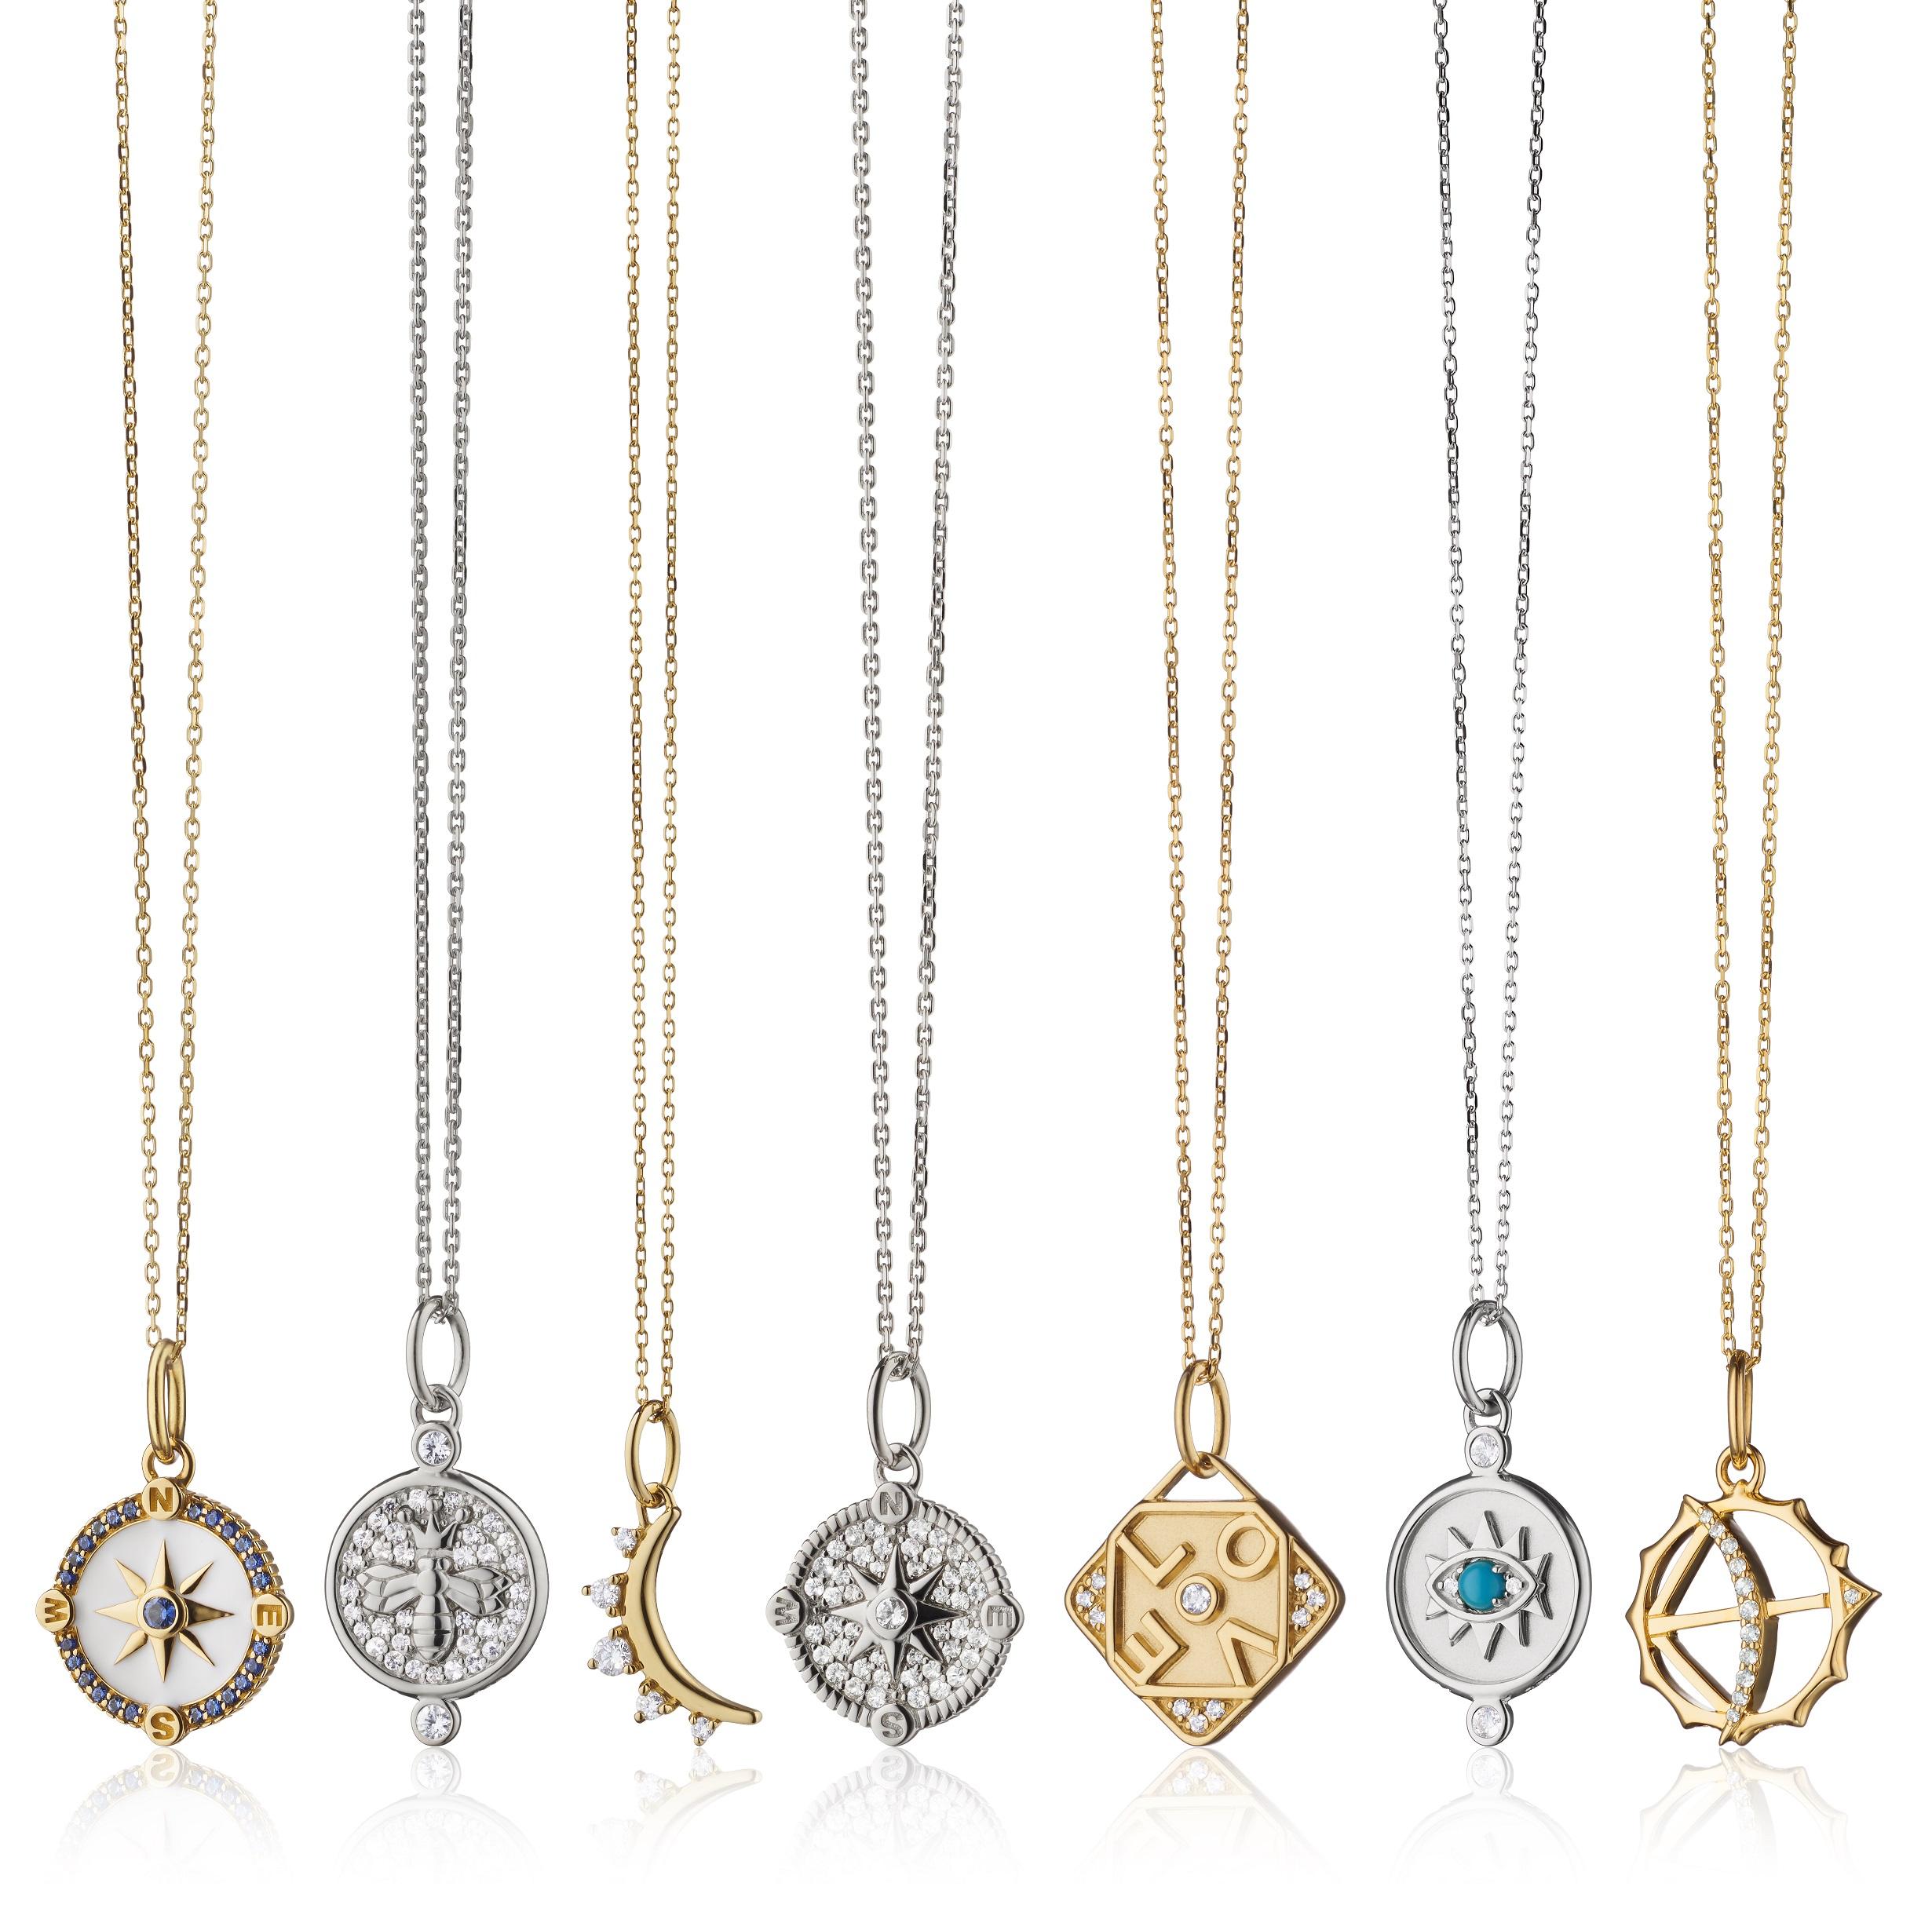 Cerca del corazón - Hay piezas de joyería para usar a diario que se ajustan a tu estado anímico, como estas cadenas con diversos pendientes de Monica Rich Kosann que puedes conseguir tanto en Reinhold Jewelers como en www.reinholdjewelers.com (Suministrada)